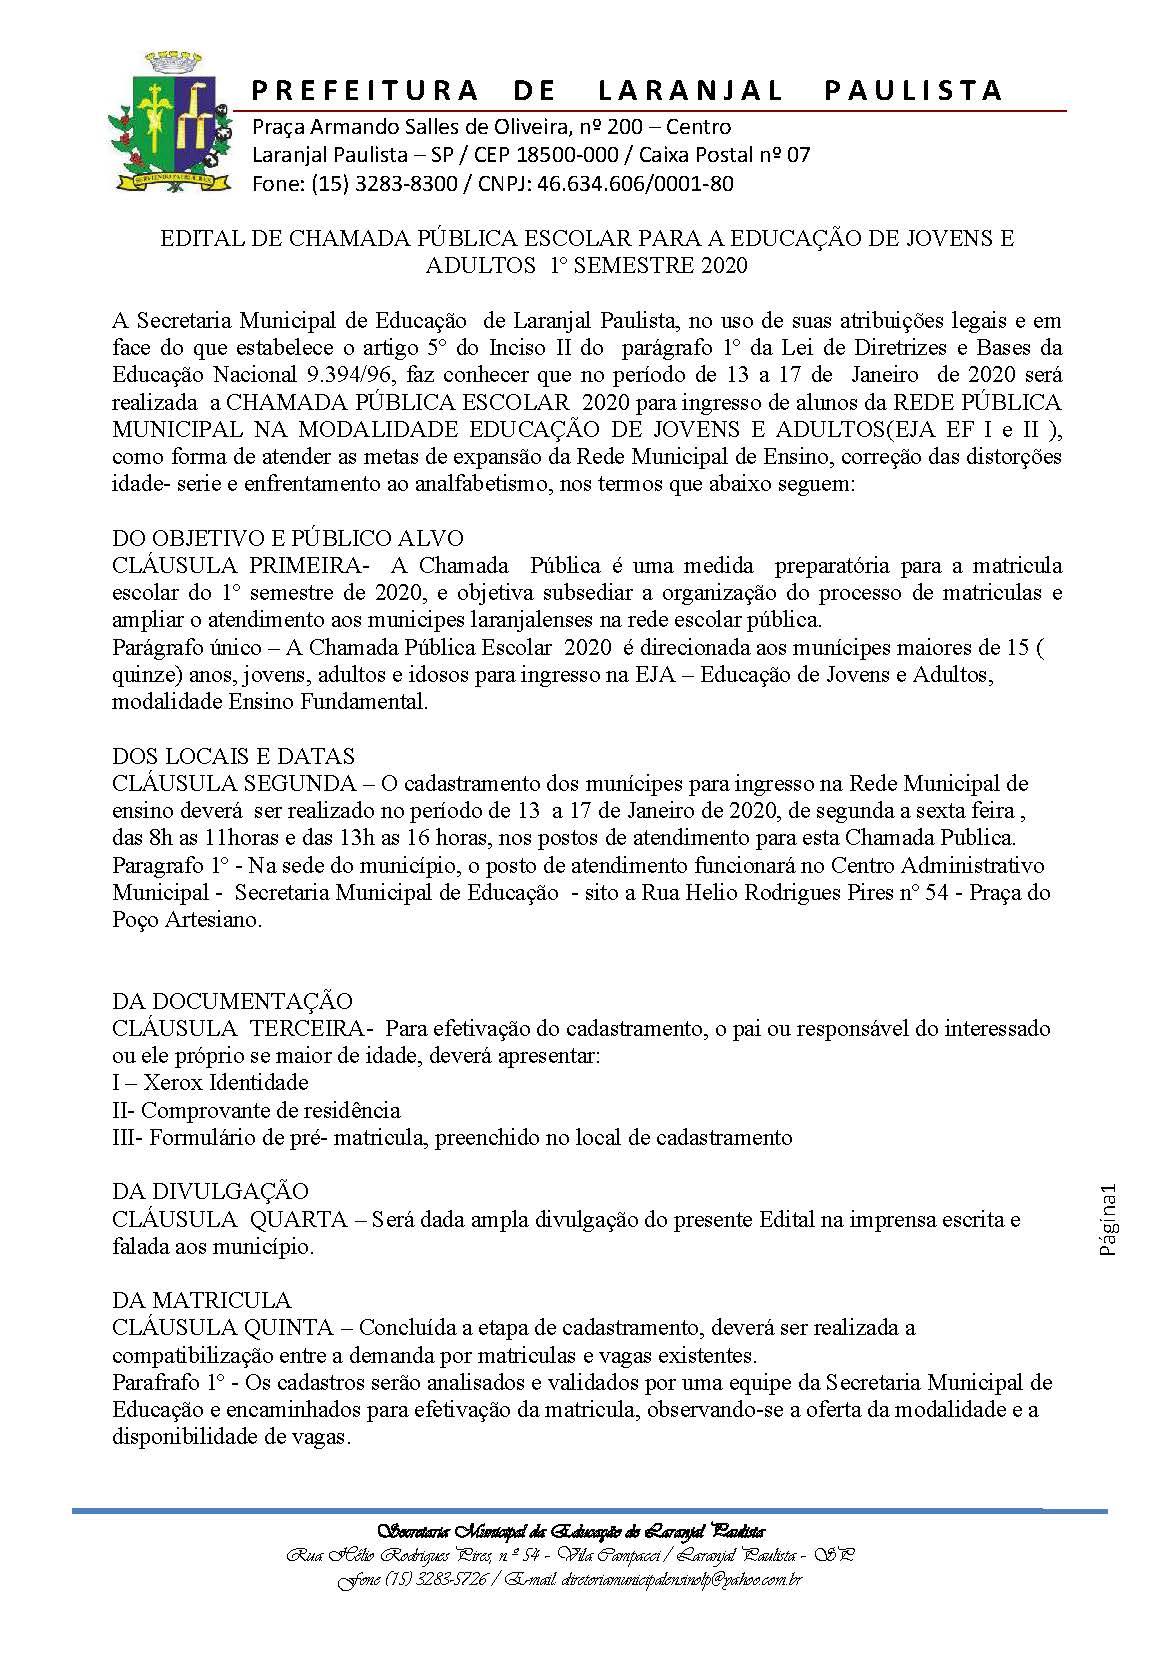 Edital de Chamada Pública Escolar EJA 2020